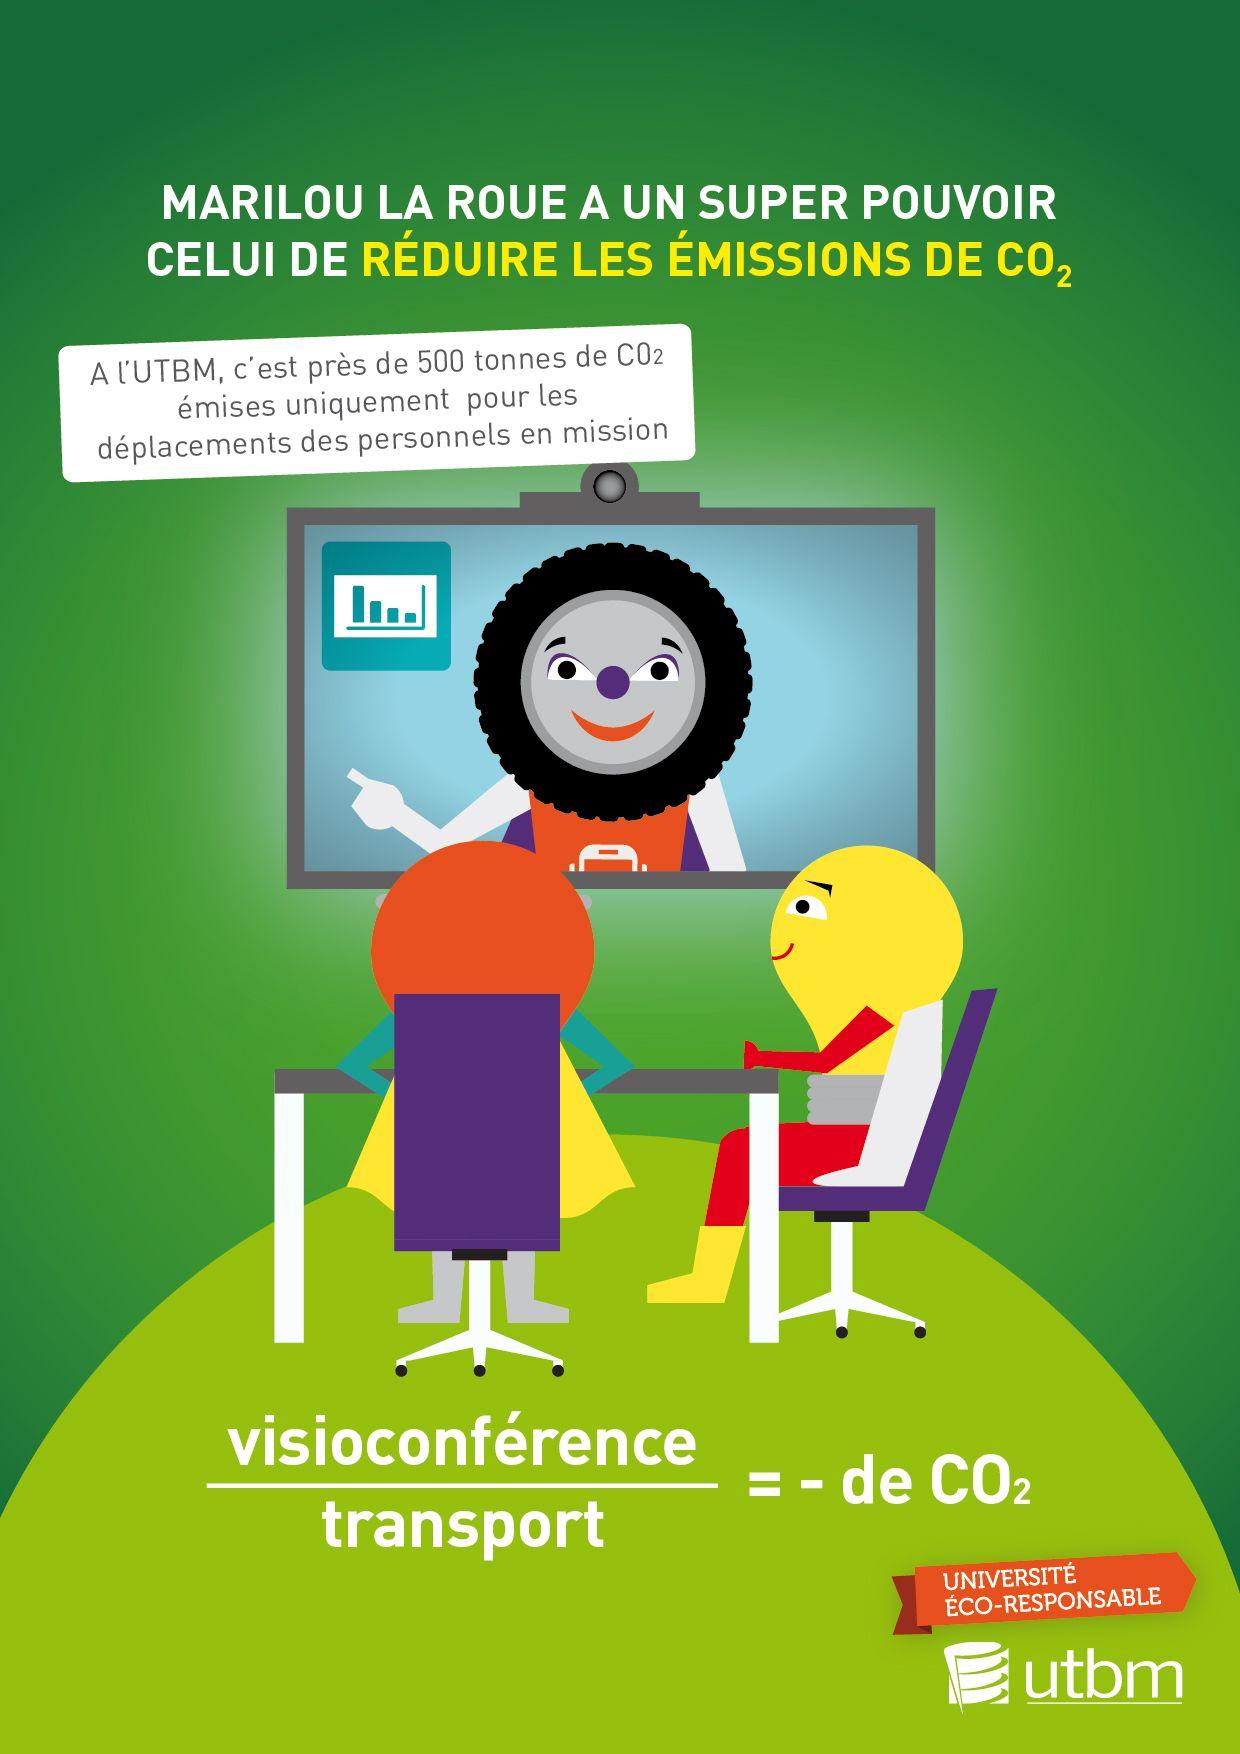 Campagne éco-gestes, thématique mobilités. Semaine 4 : la visioconférence pour éviter les déplacements UTBM - service communication / DR